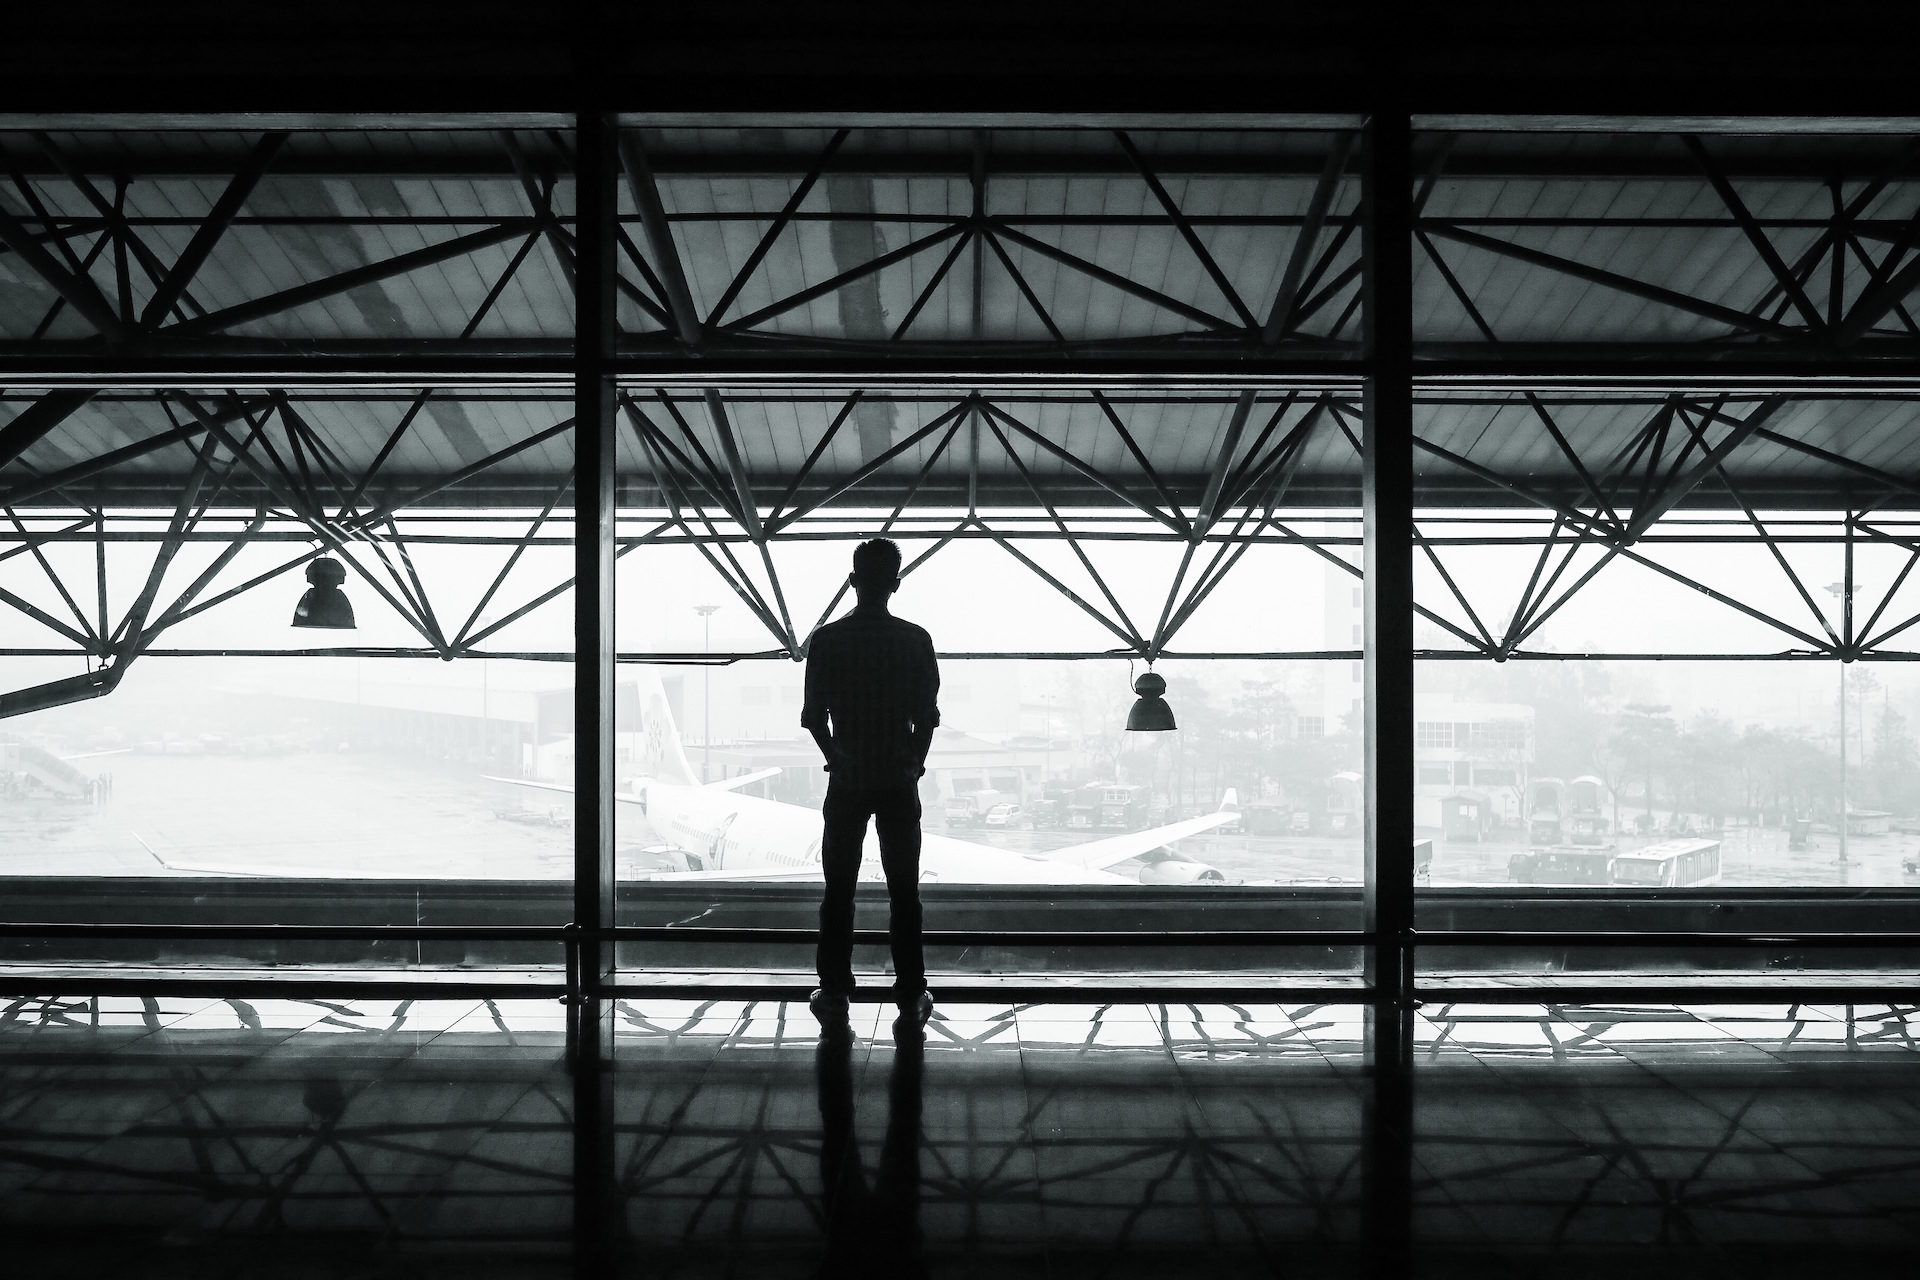 Аэропорт, путешественник, Подожди, Соледад, самолеты - Обои HD - Профессор falken.com